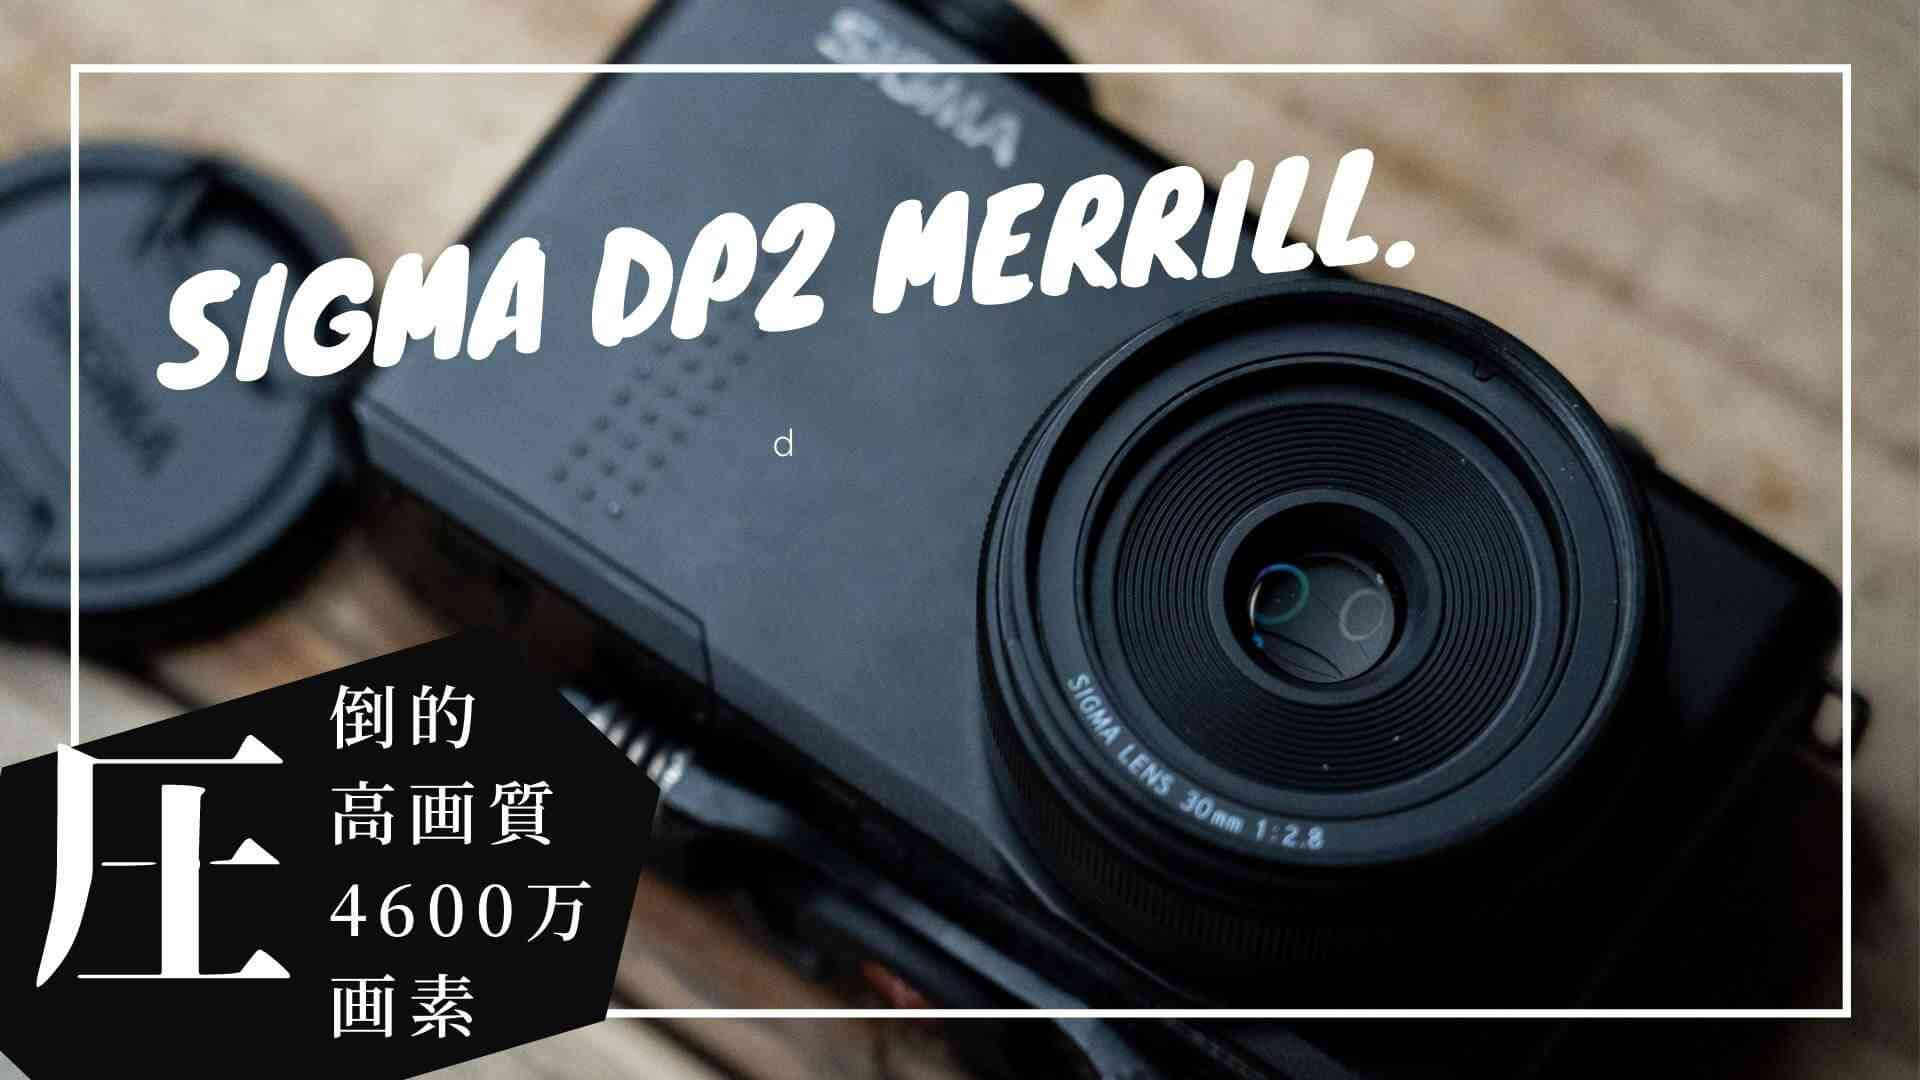 【変態カメラ⁉作例あり】空気をも切り撮る高画素(4600万画素)SIGMA DP2 Merrillのレビュー